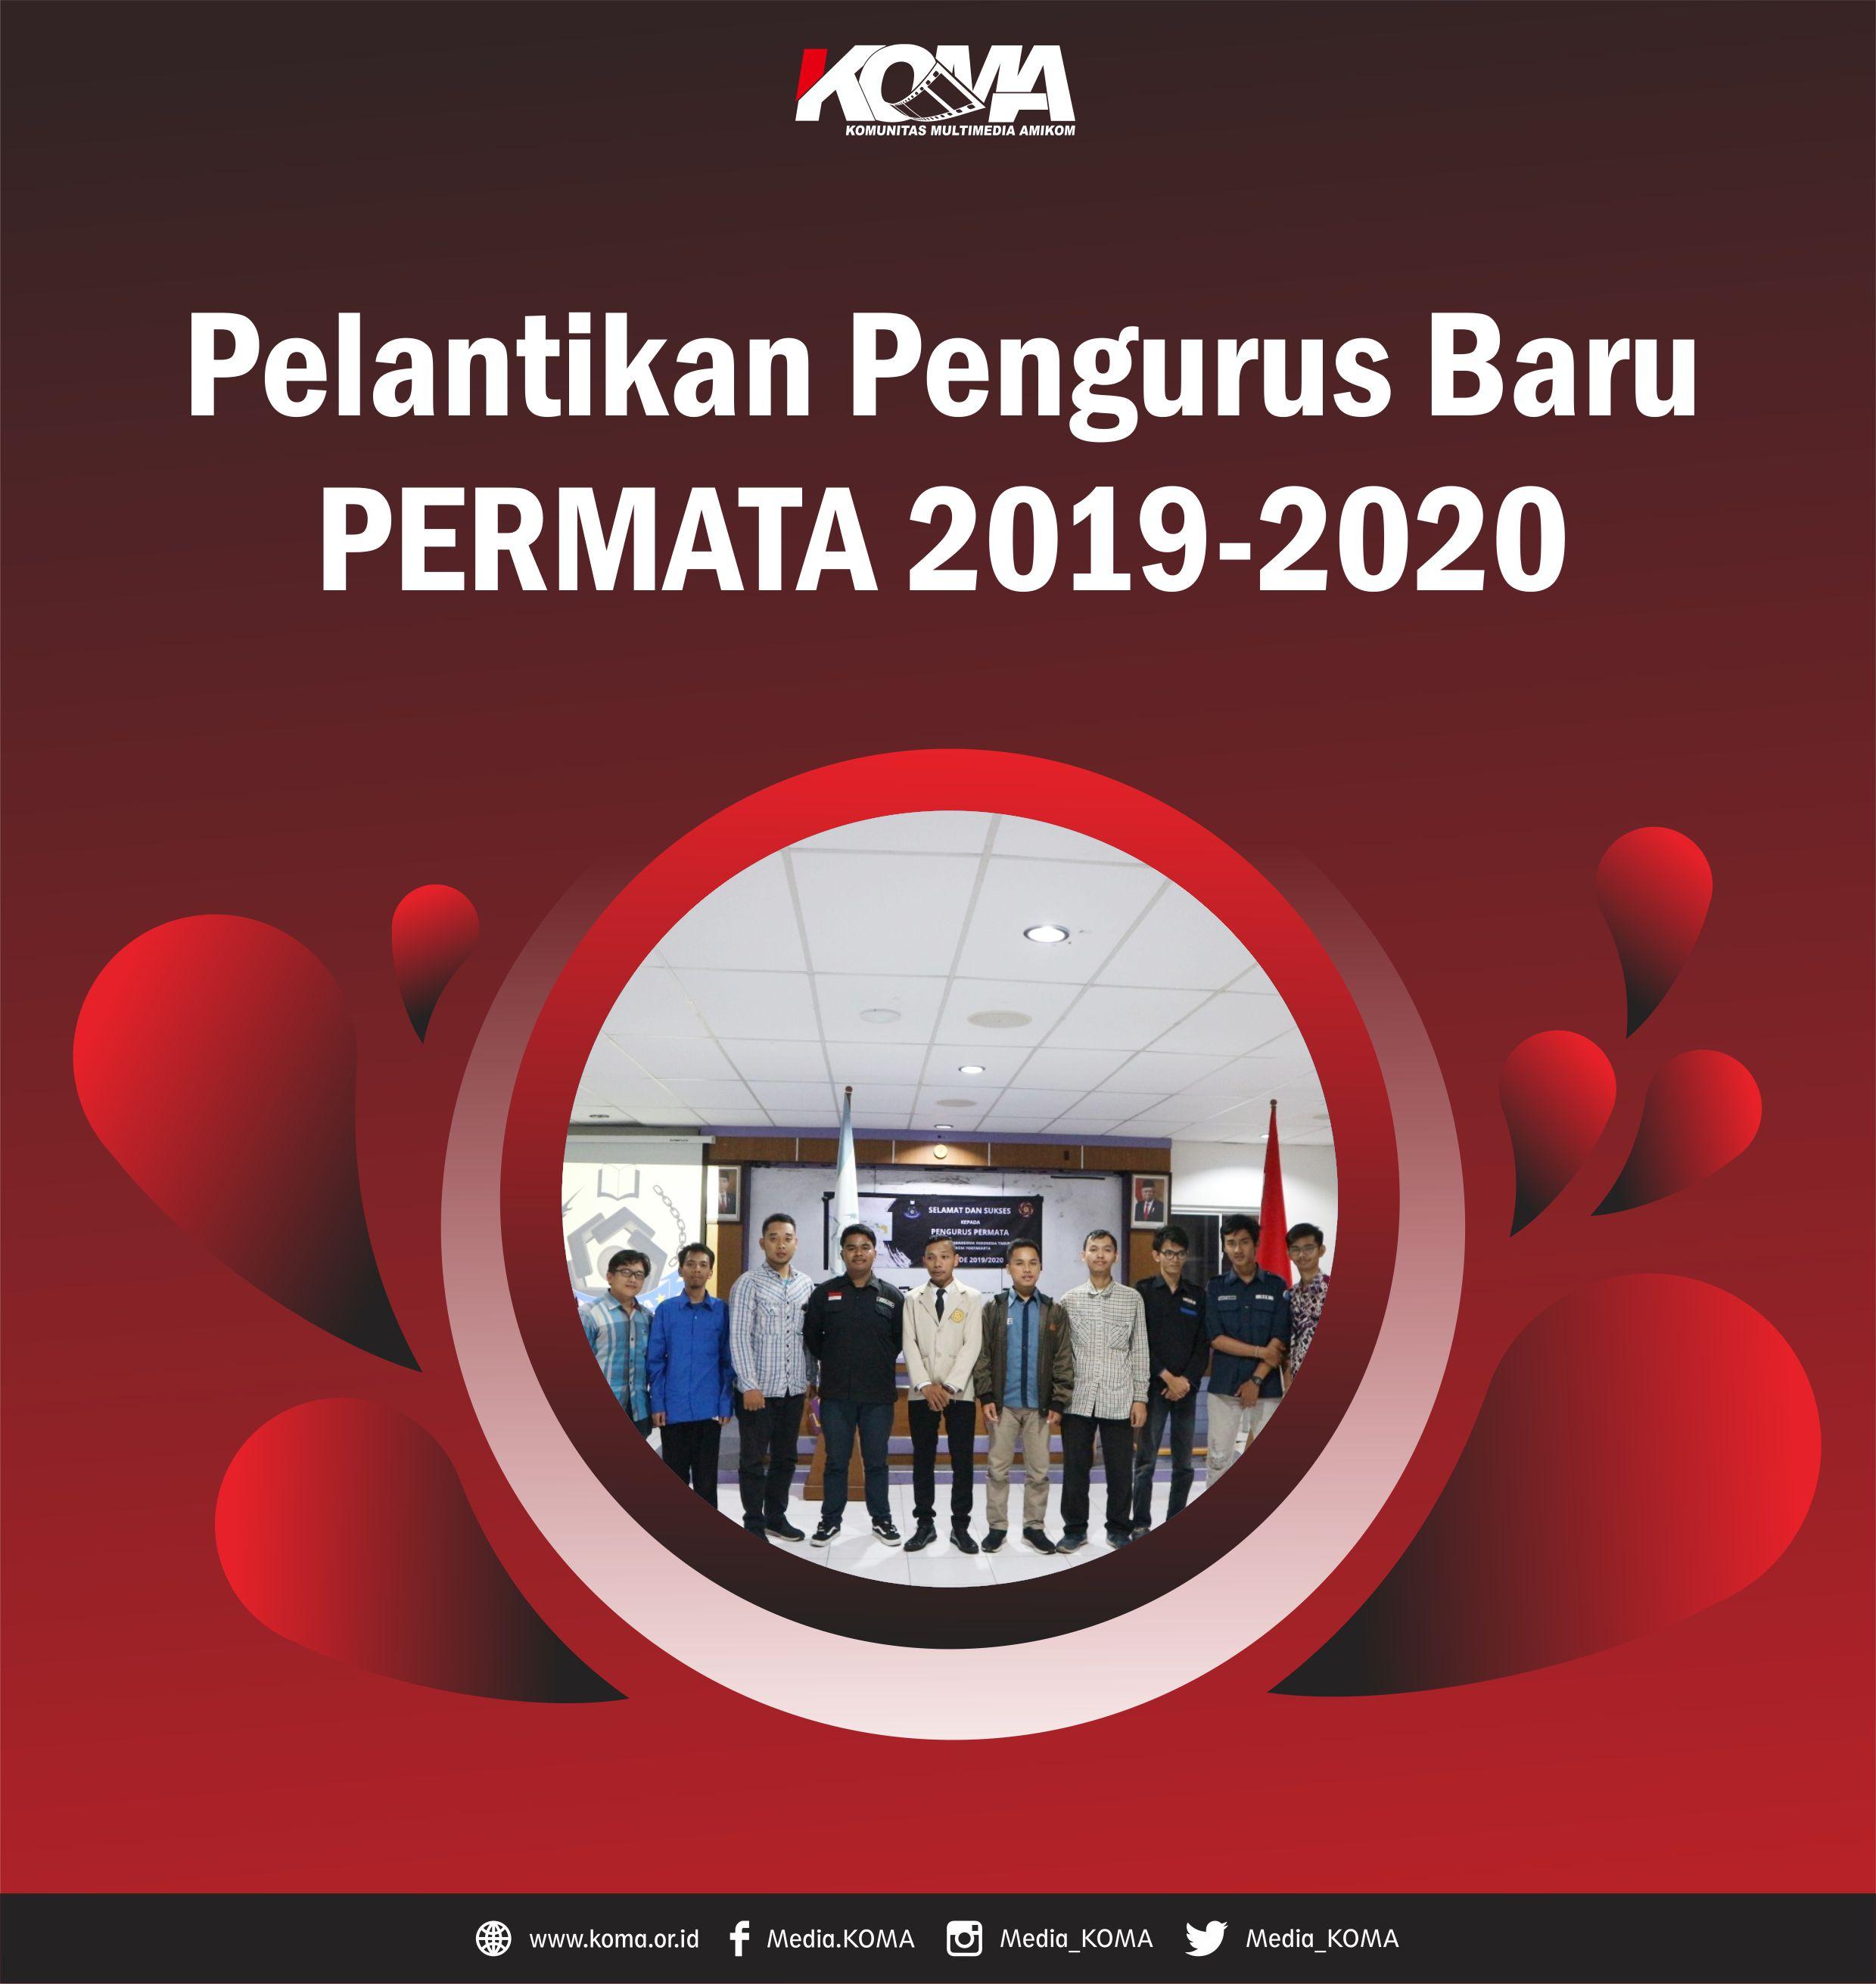 Pelantikan-Pengurus-Baru-PERMATA-2019